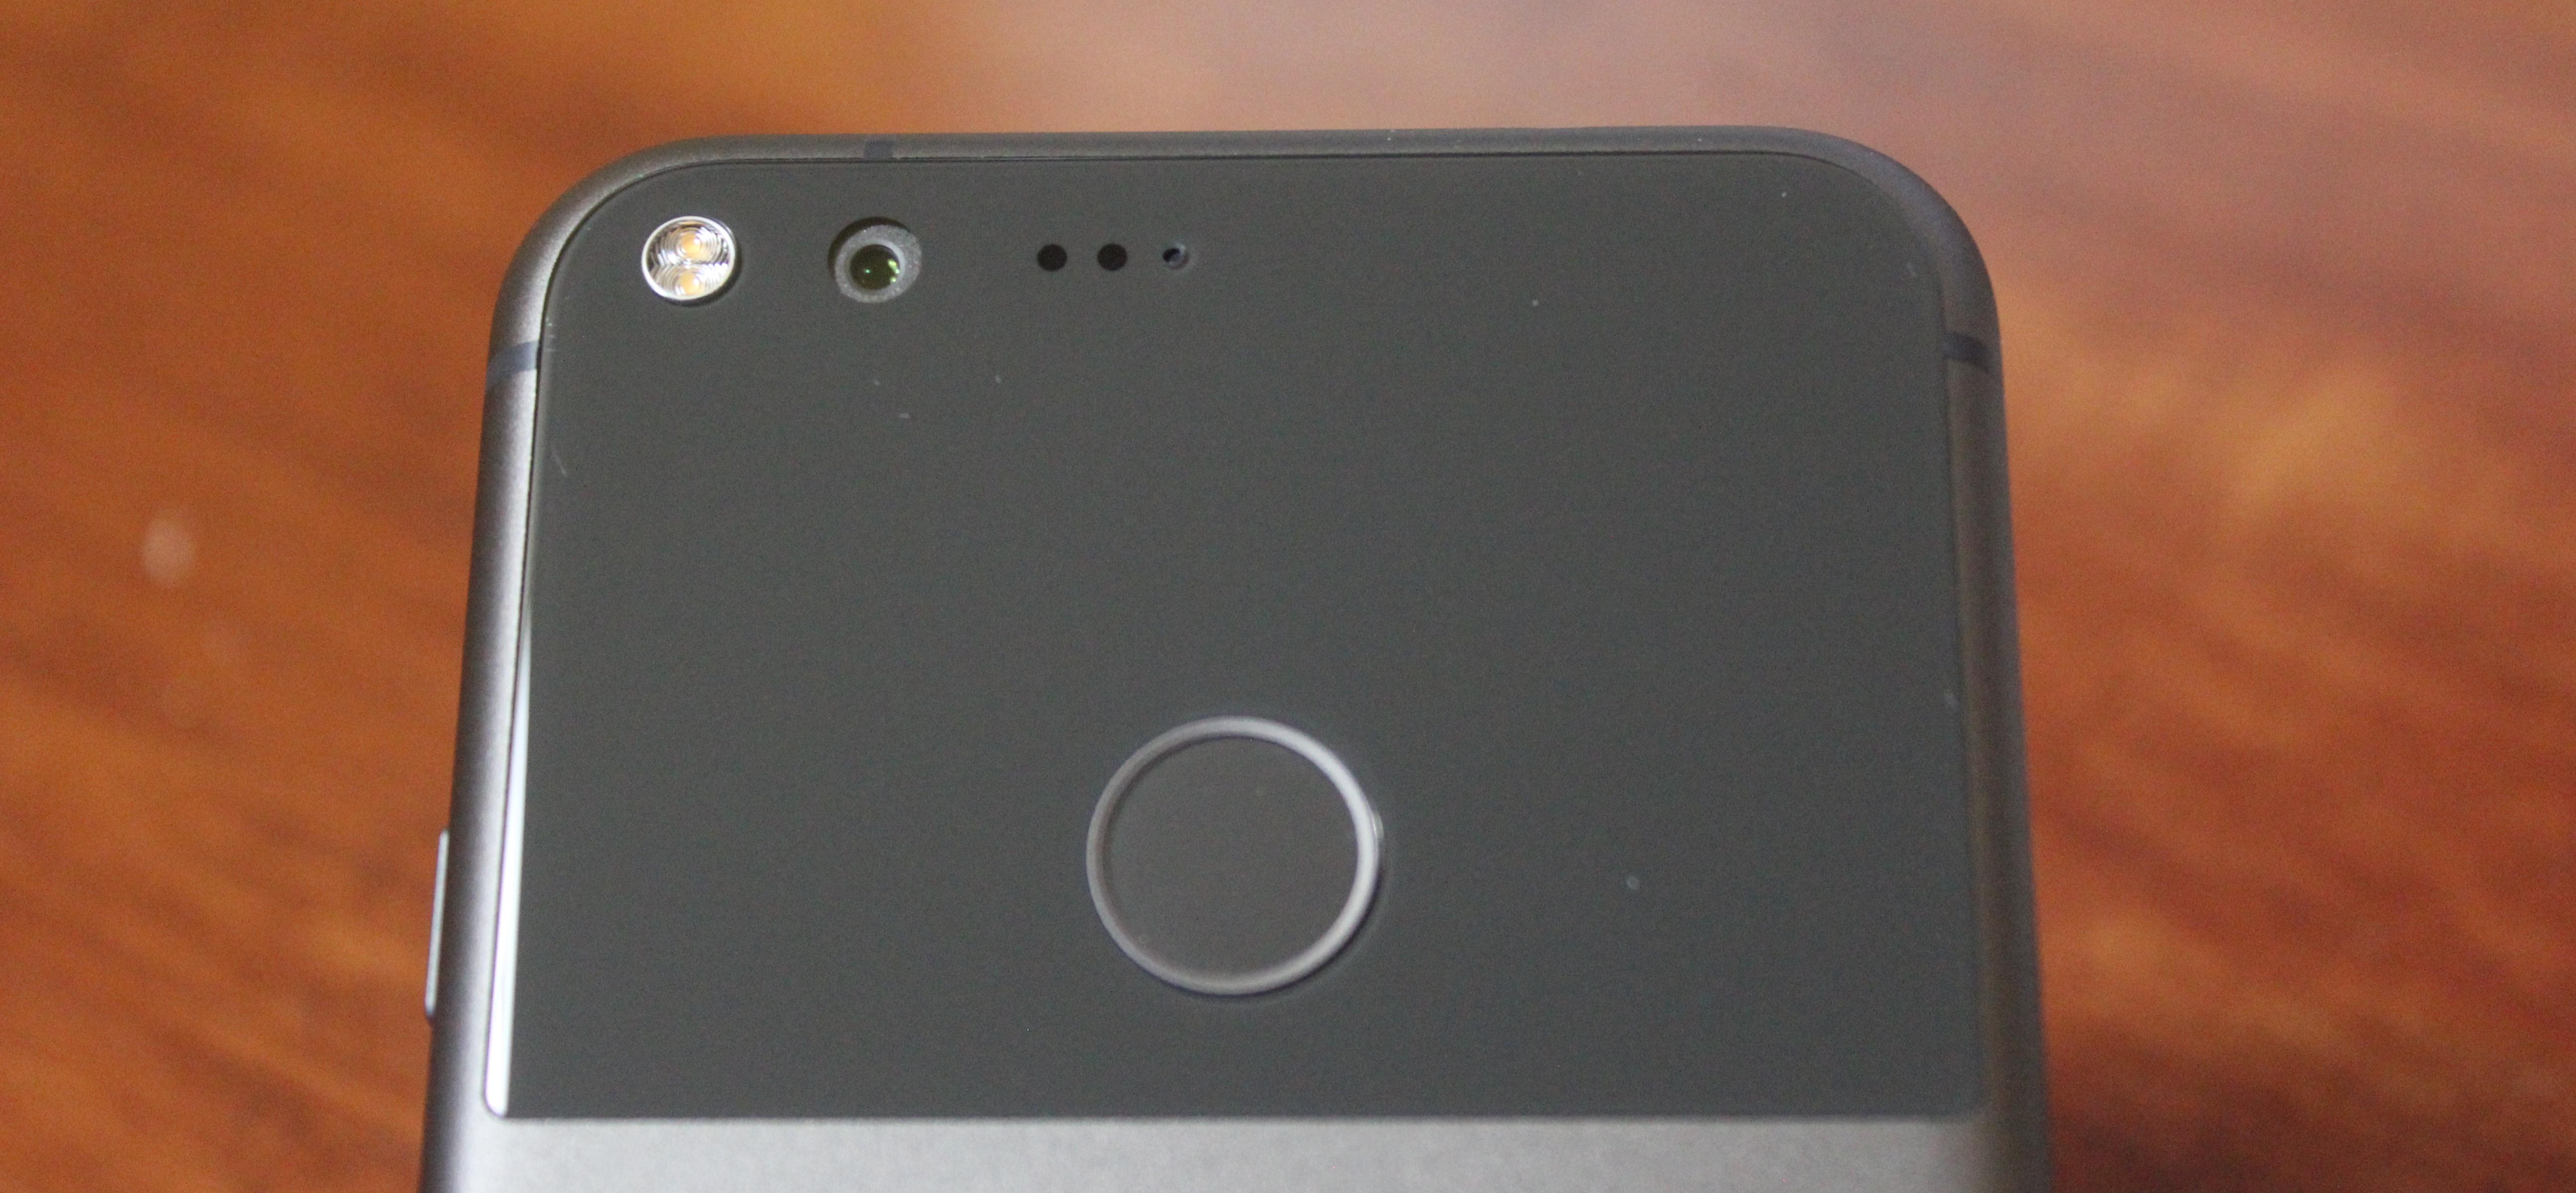 Google-pixel-phone-2016-nuti.mobi